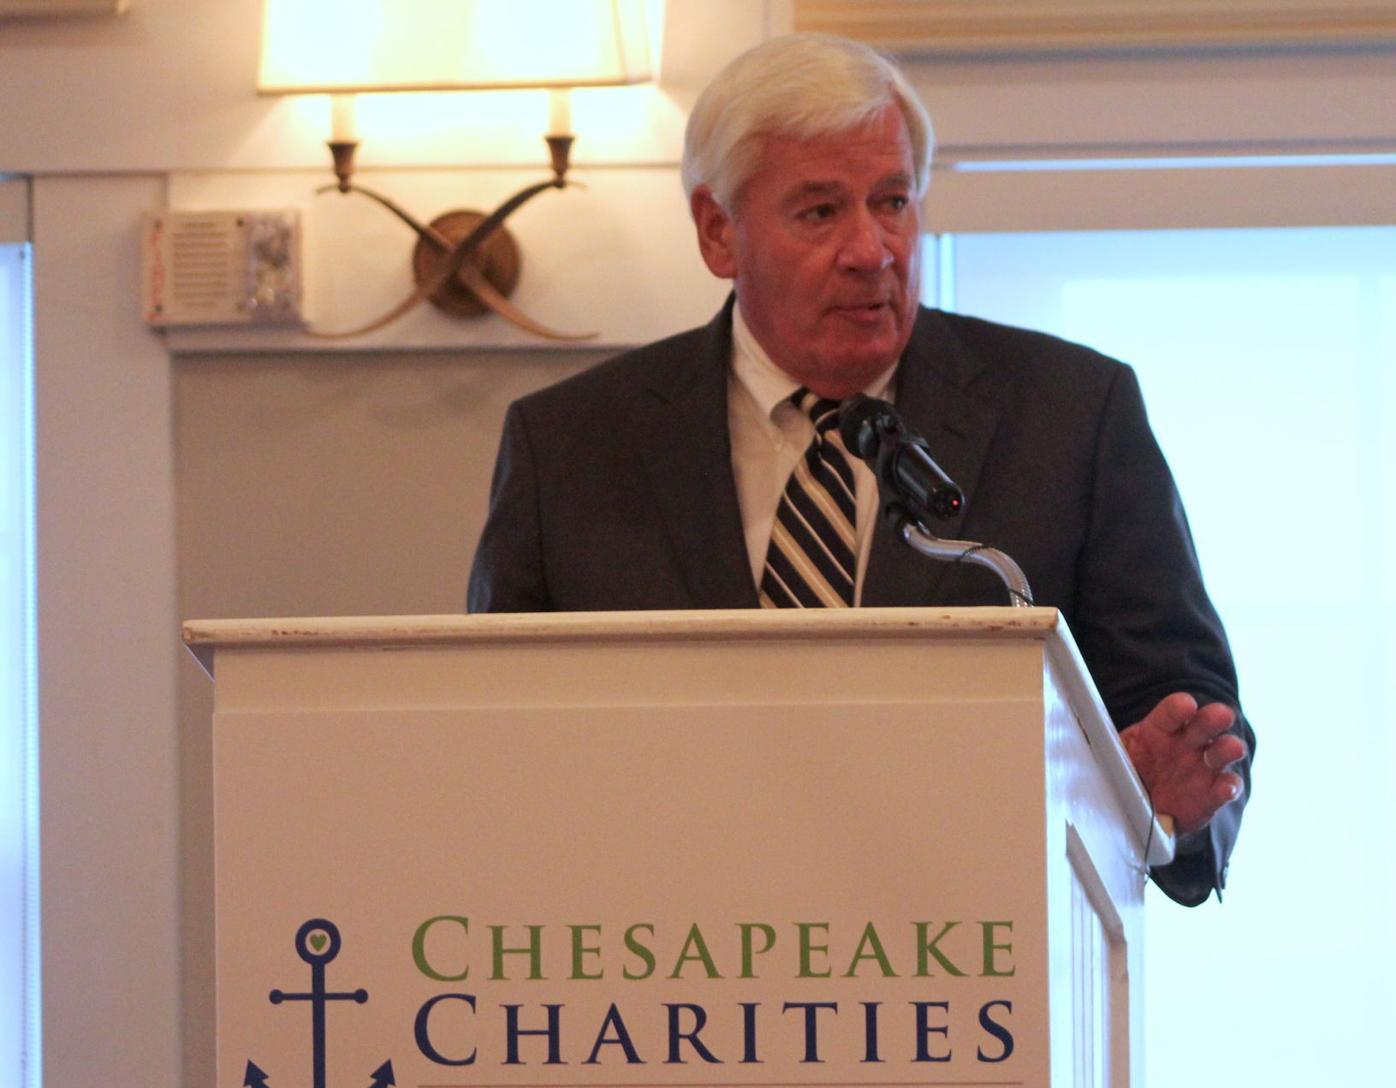 Chesapeake Charities